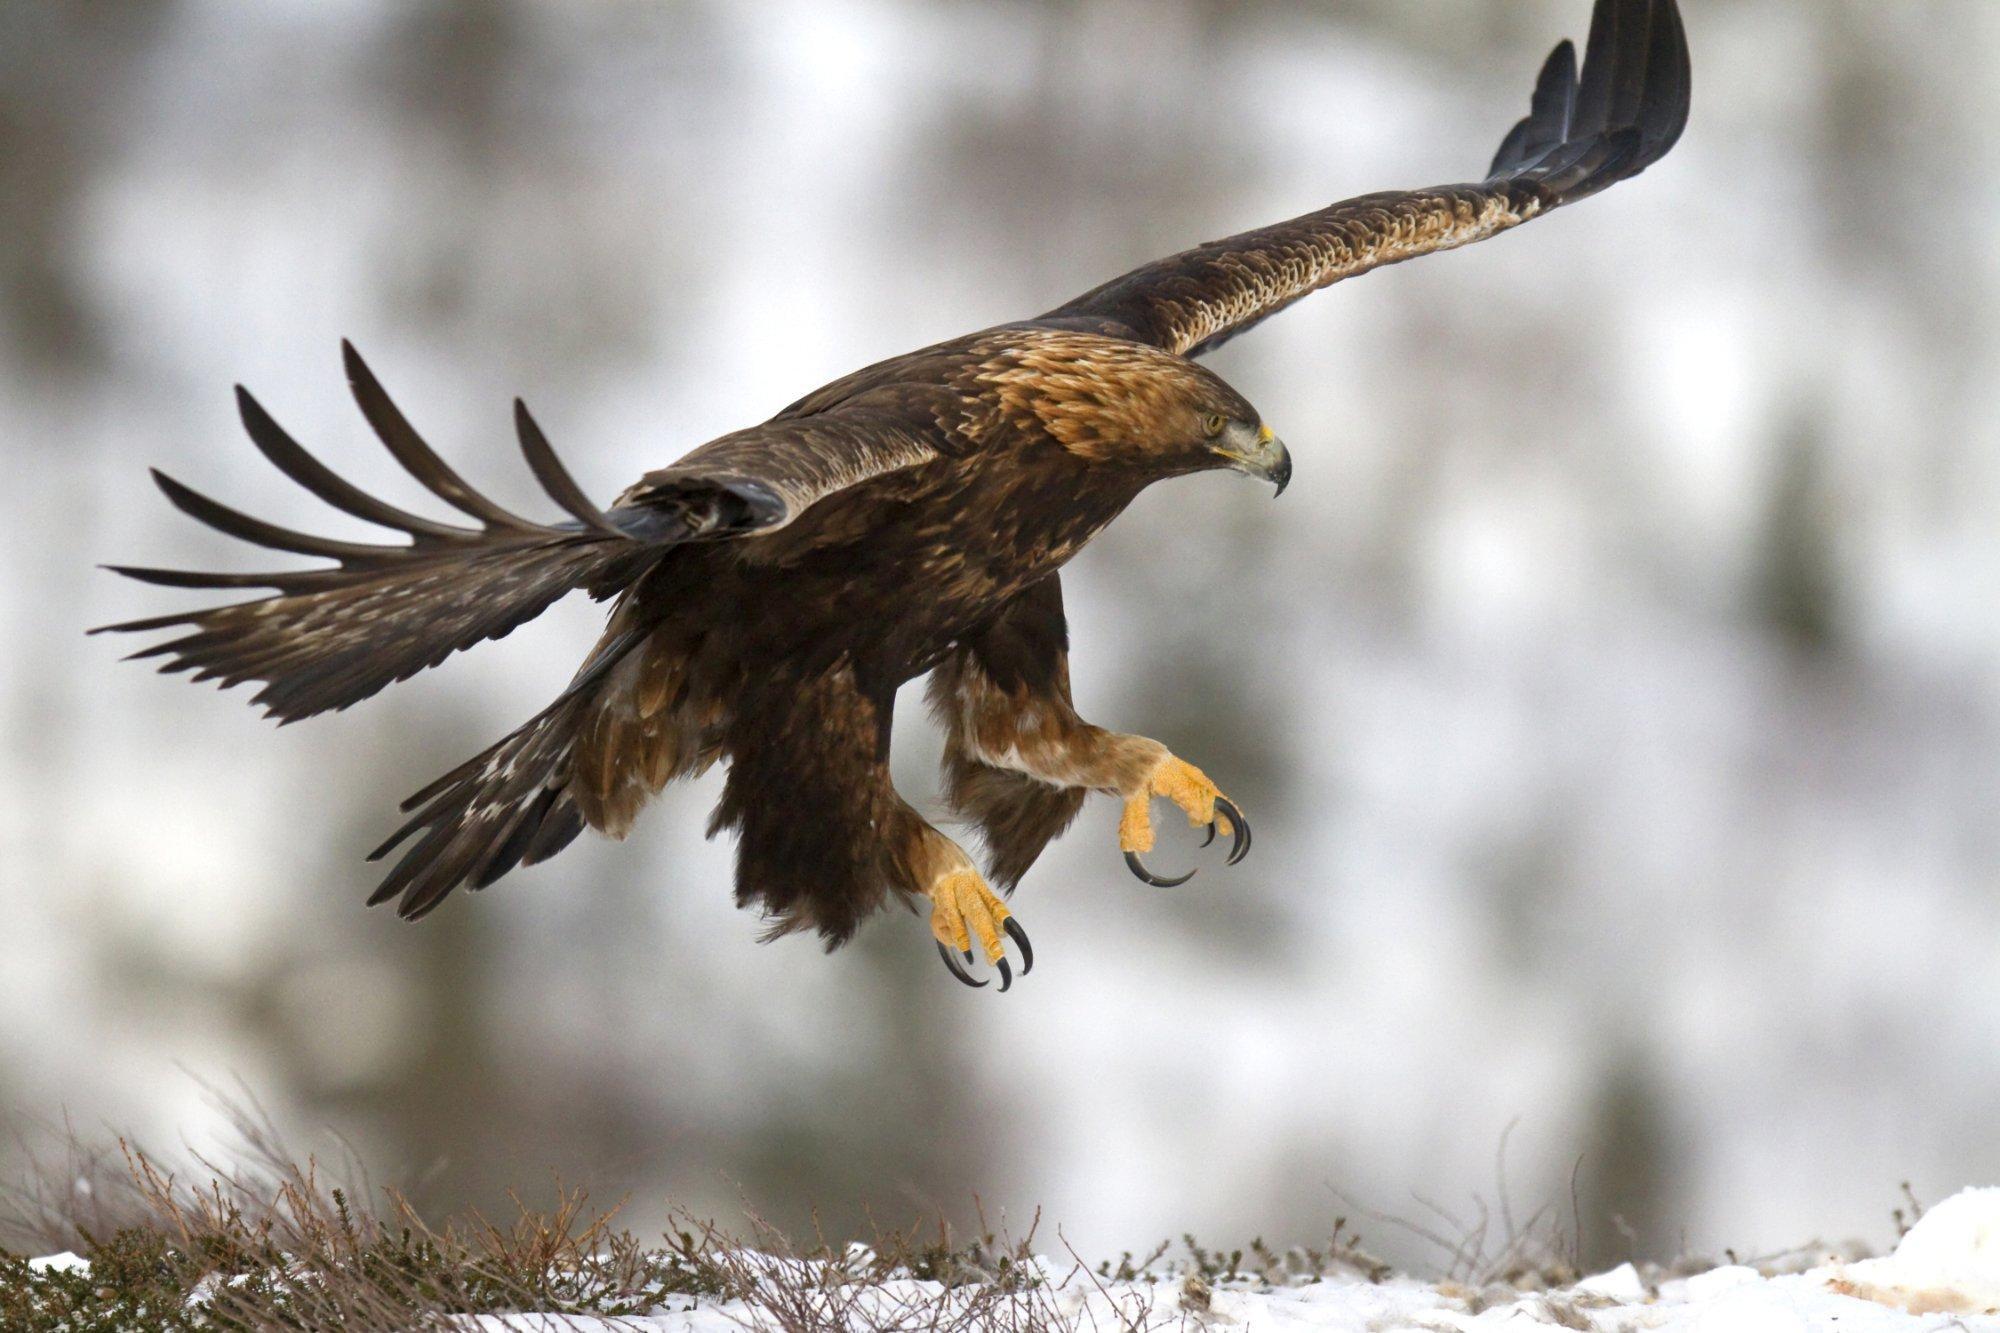 Ein Steinadler landet mit ausgebreiteten Flügeln und vorgestreckten Krallen auf einer Schneefläche im Gebirge